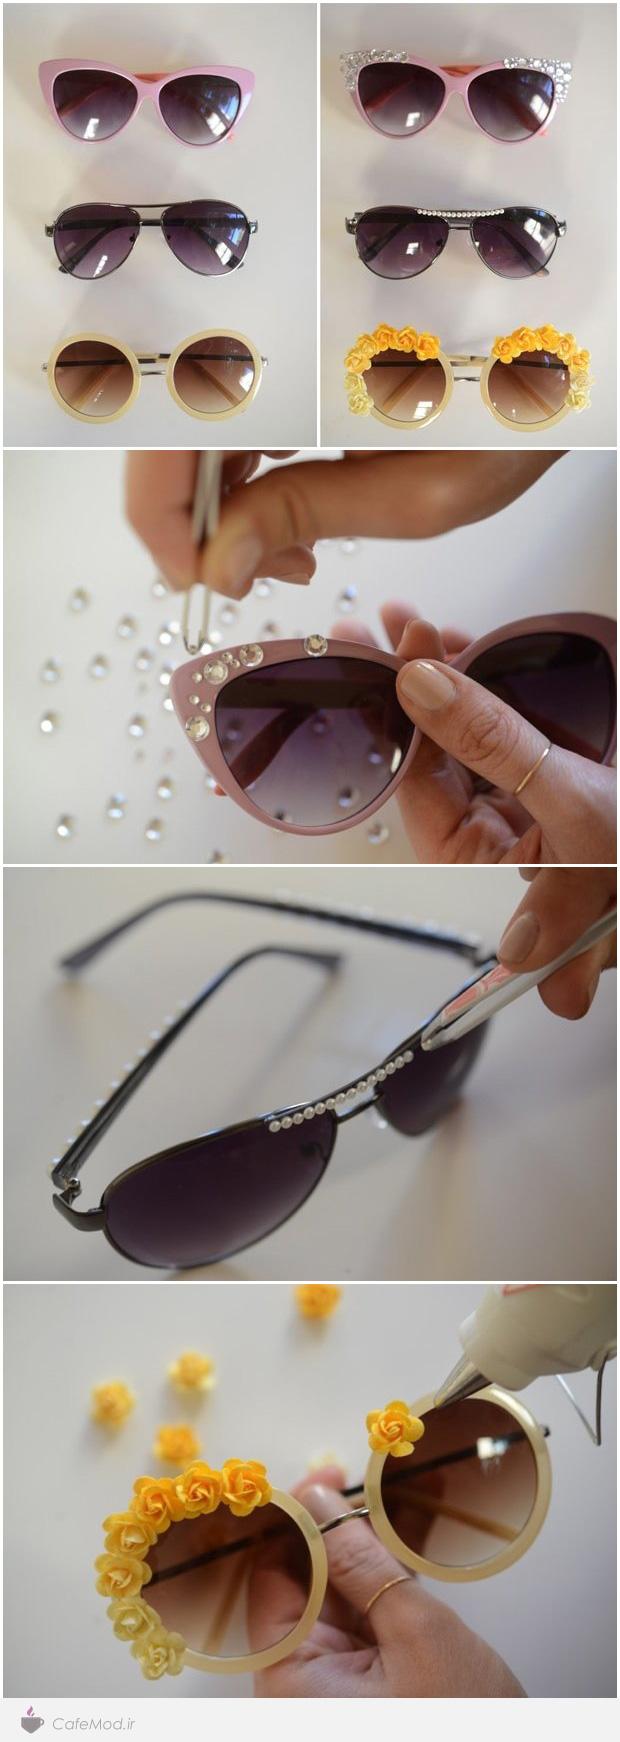 آموزش تزئین عینک آفتابی